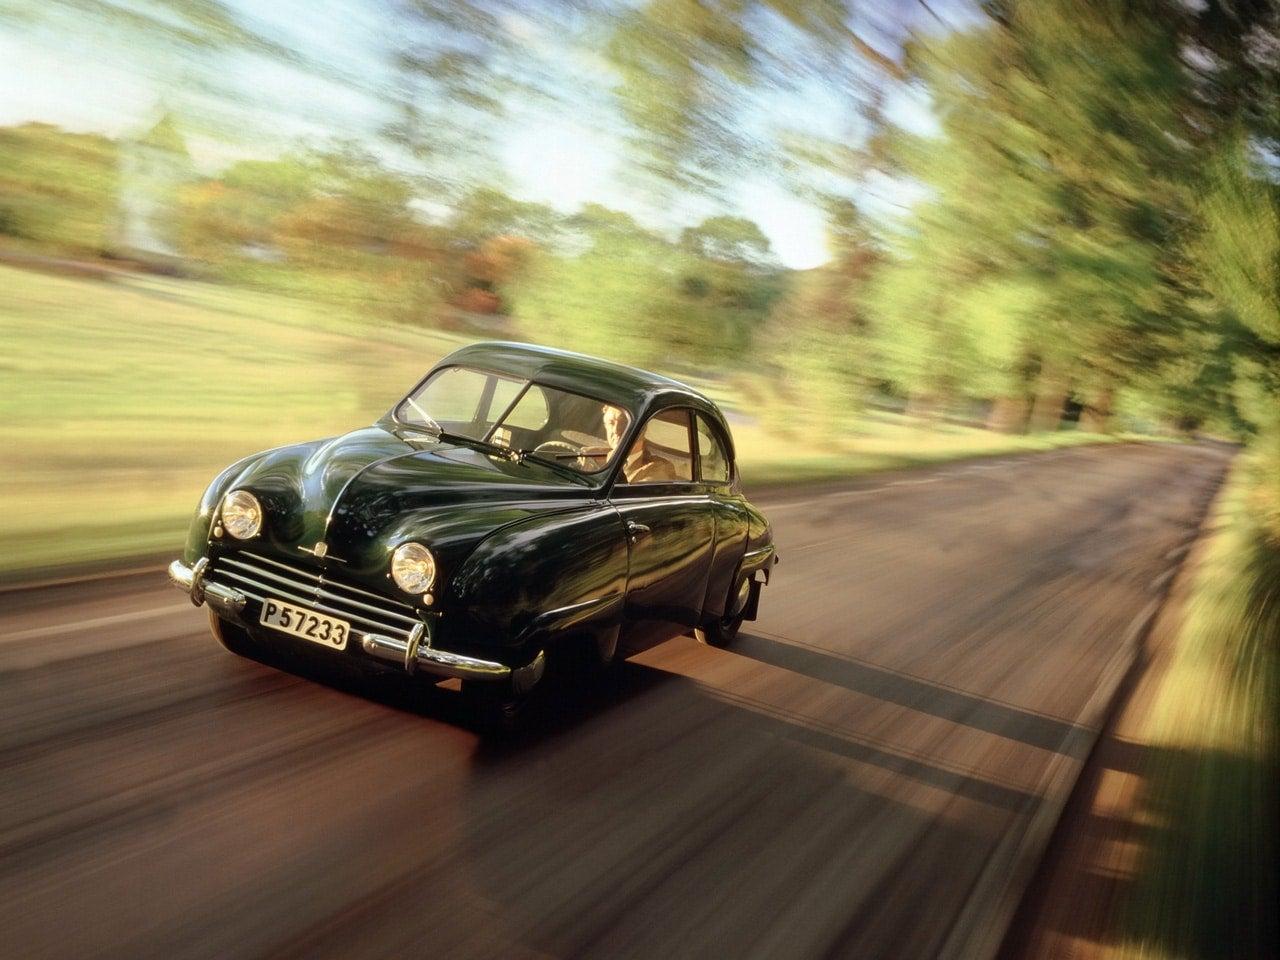 1949-1956-Saab-92-1950-Saab-Calendar-1997-1280x960